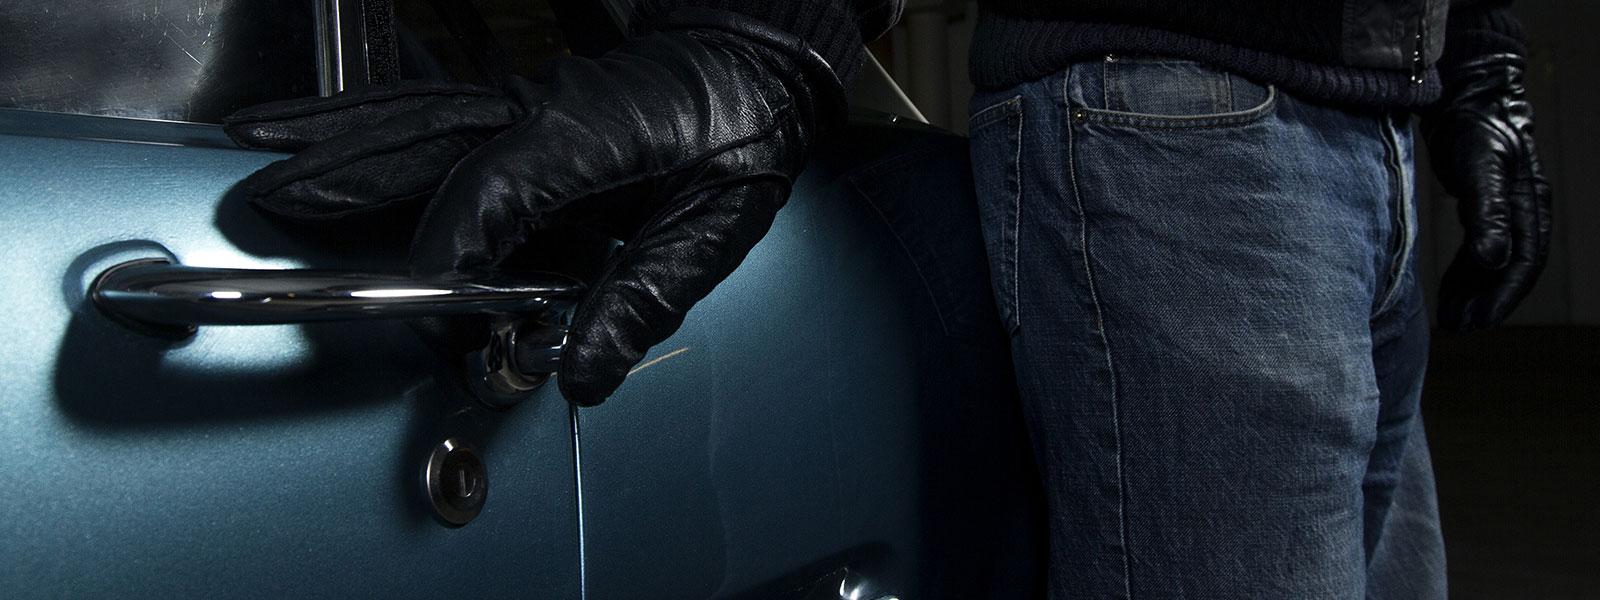 Os dez carros mais roubados do Brasil